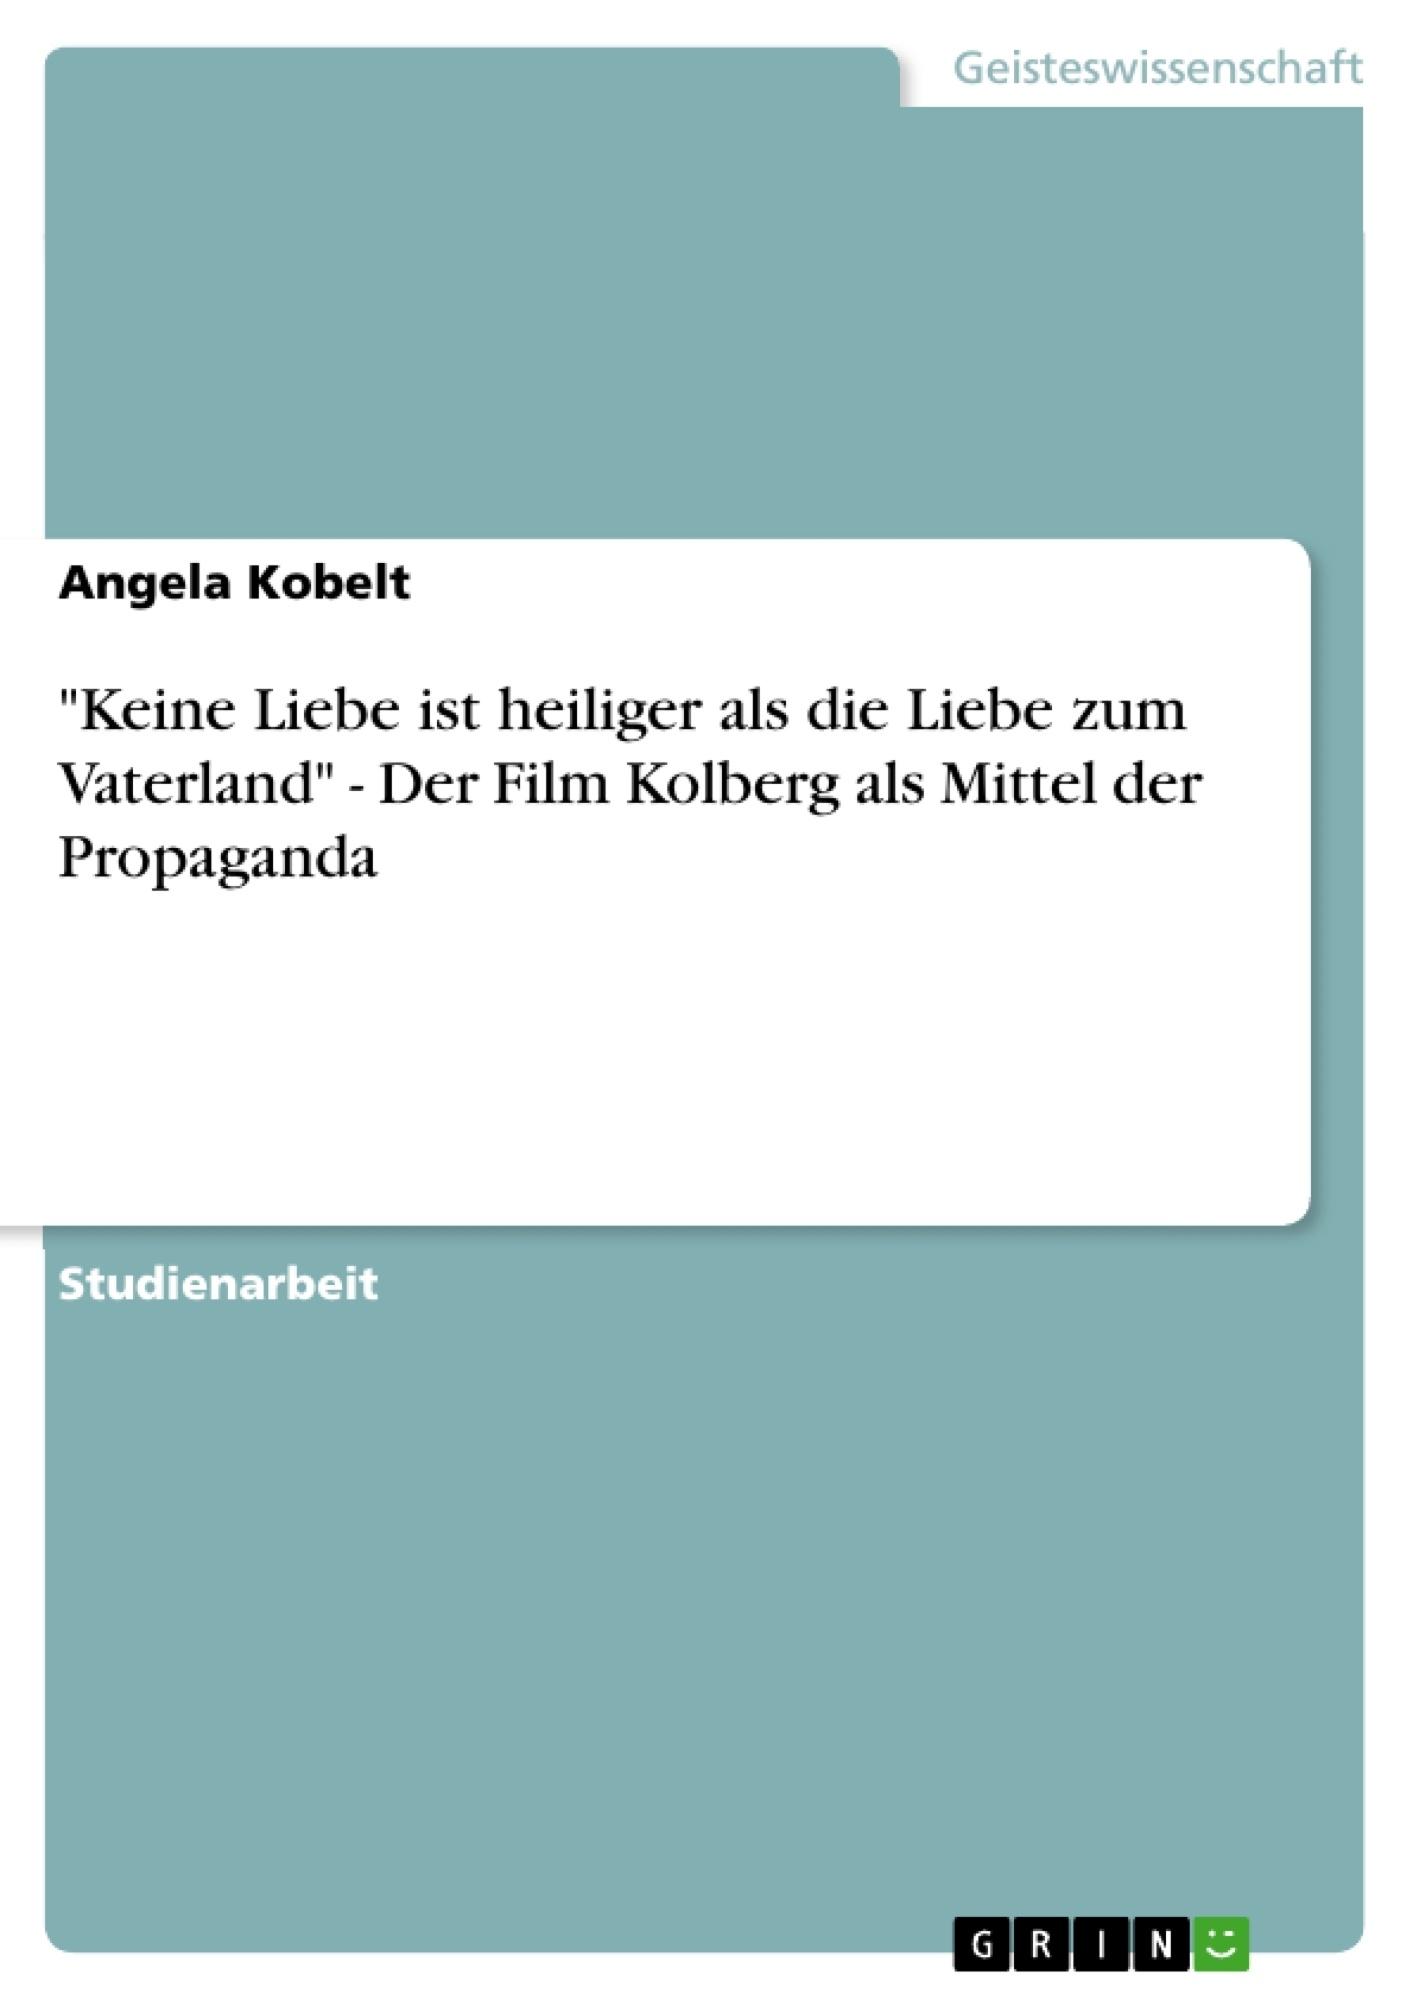 """Titel: """"Keine Liebe ist heiliger als die Liebe zum Vaterland"""" - Der Film Kolberg als Mittel der Propaganda"""